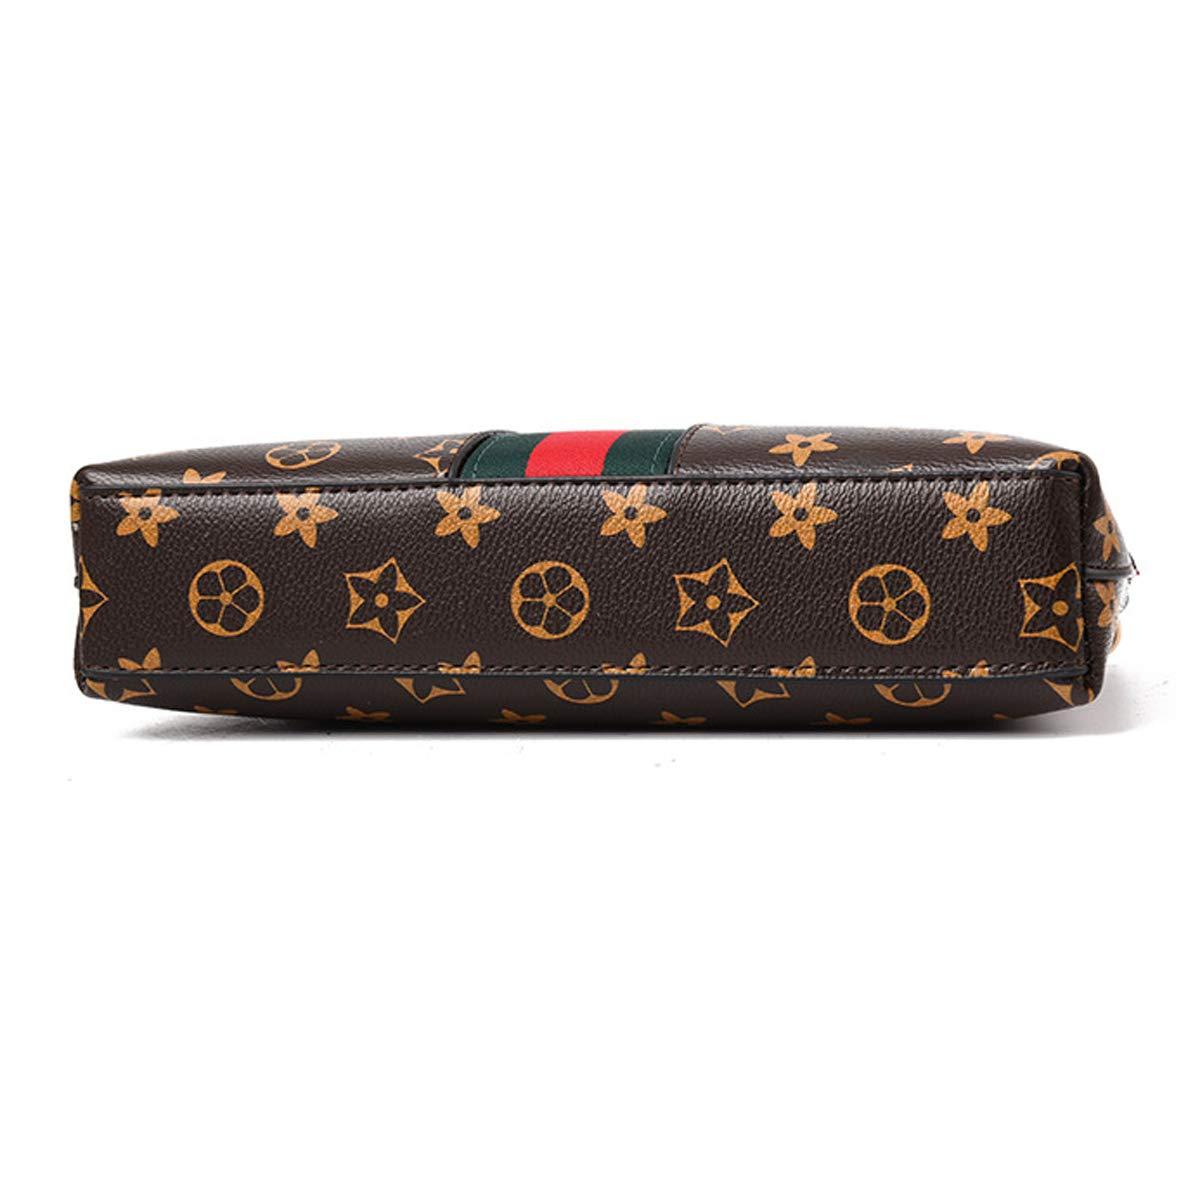 Gelb, 25 * 15 * 6cm 2019 Damen mode Vintage gedruckt Umh/ängetasche Messenger CG lock umh/ängetasche Baby Wickeltasche handtasch